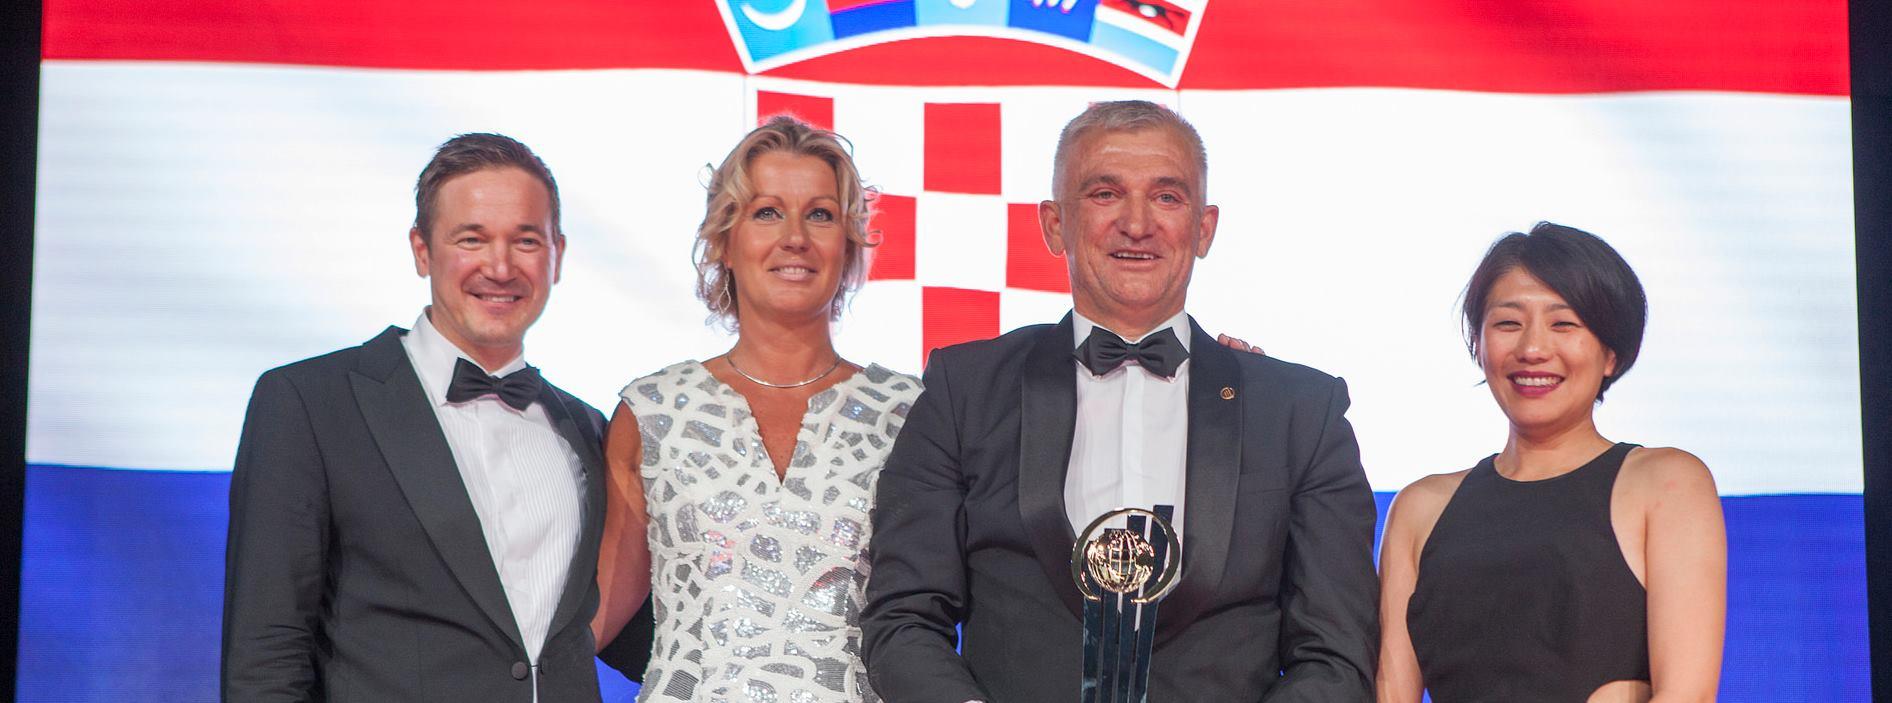 Marko Pipunić predstavljao Republiku Hrvatsku na svjetskoj dodjeli nagrade EY poduzetnik godine